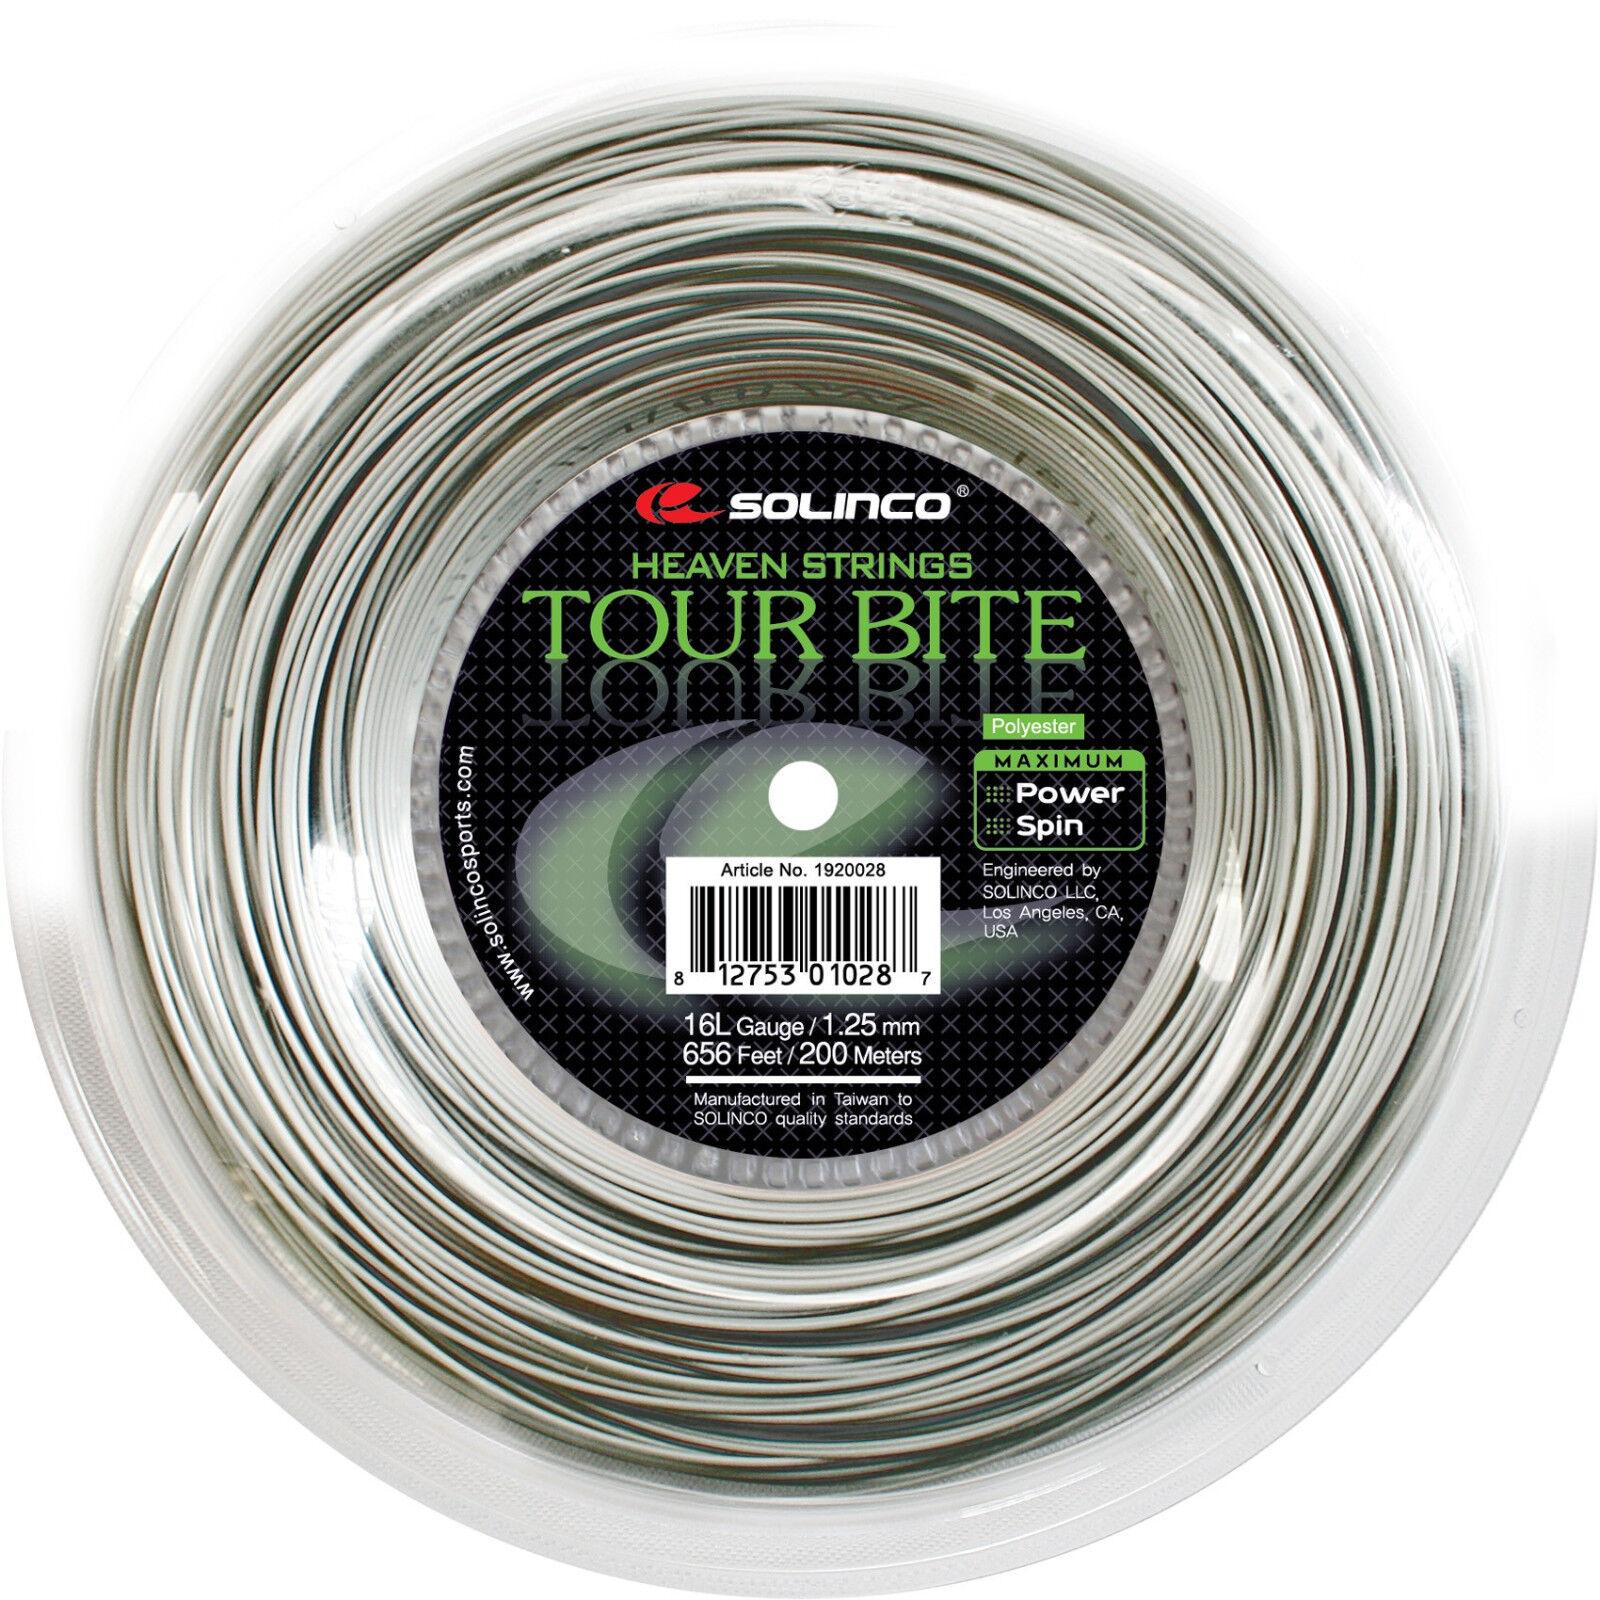 Solinco Tour Bite 200 m - Tennissaiten